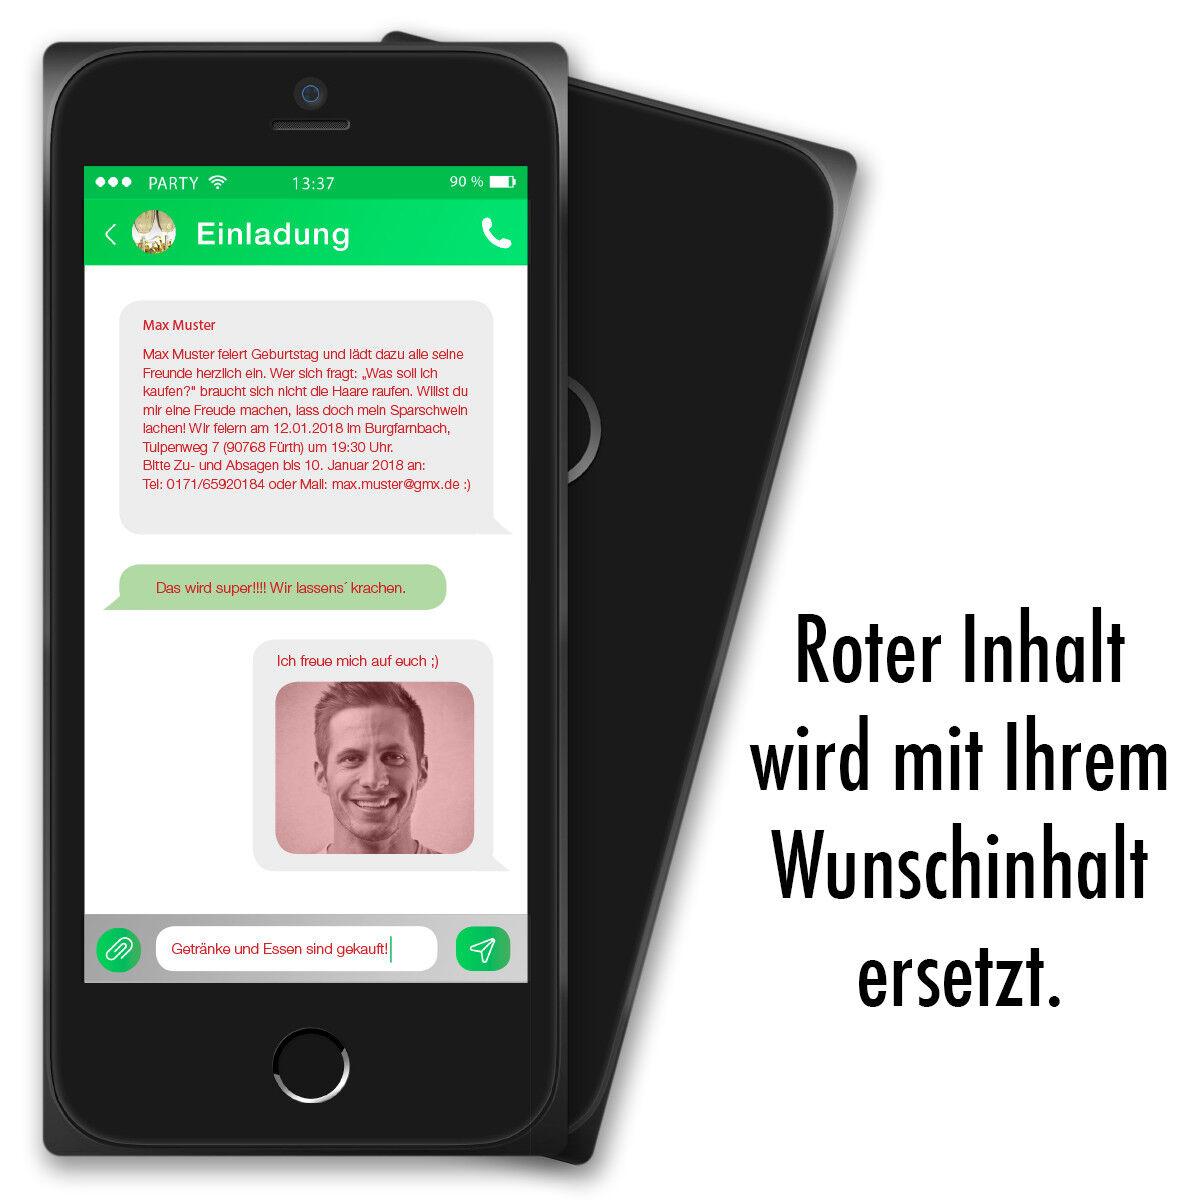 Einladung zum Geburtstag als Smartphone Einladungskarten Handy 18 18 18 30 40 50   | Sale Online  | Förderung  8cc38f